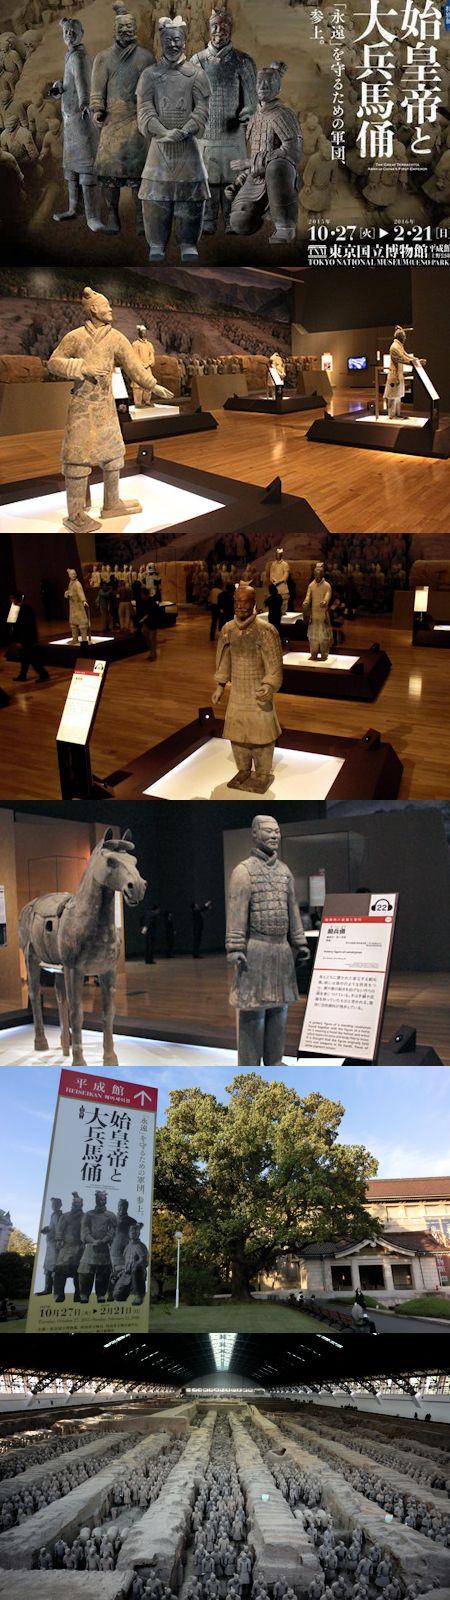 東京国立博物館の特別展「始皇帝と大兵馬俑」_c0315619_14432071.jpg